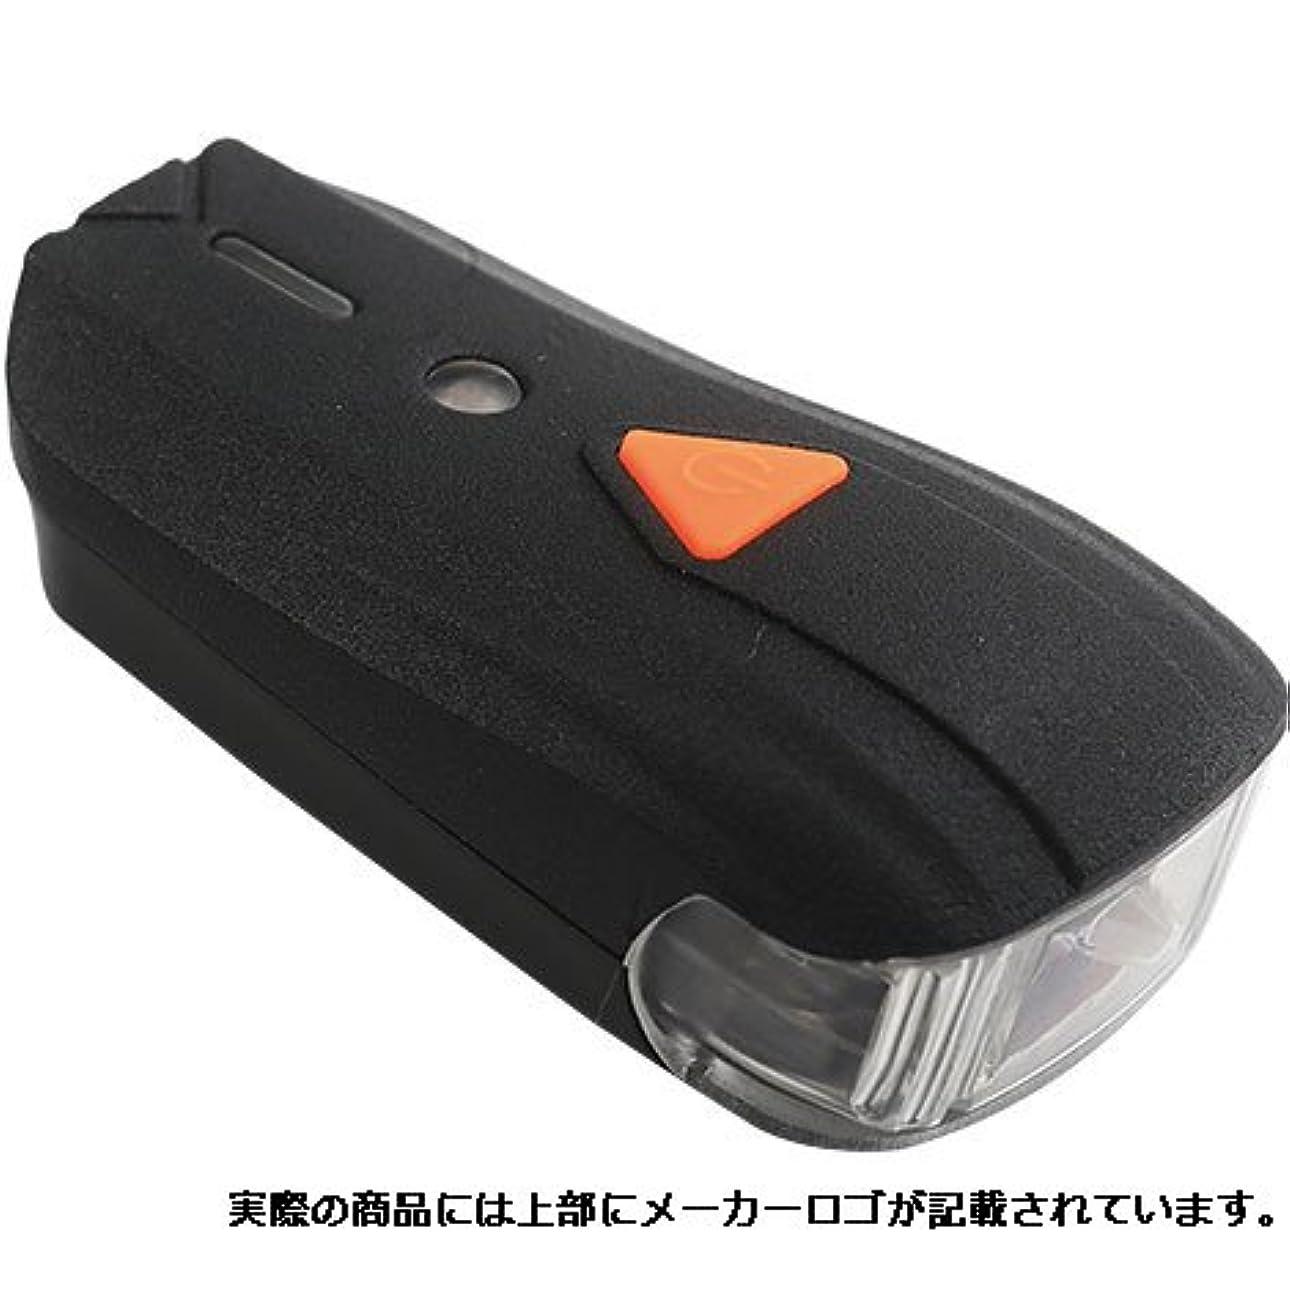 蓋残るスリーブBBボロ BF-1.0W ヘッドライト USB充電 自動調光